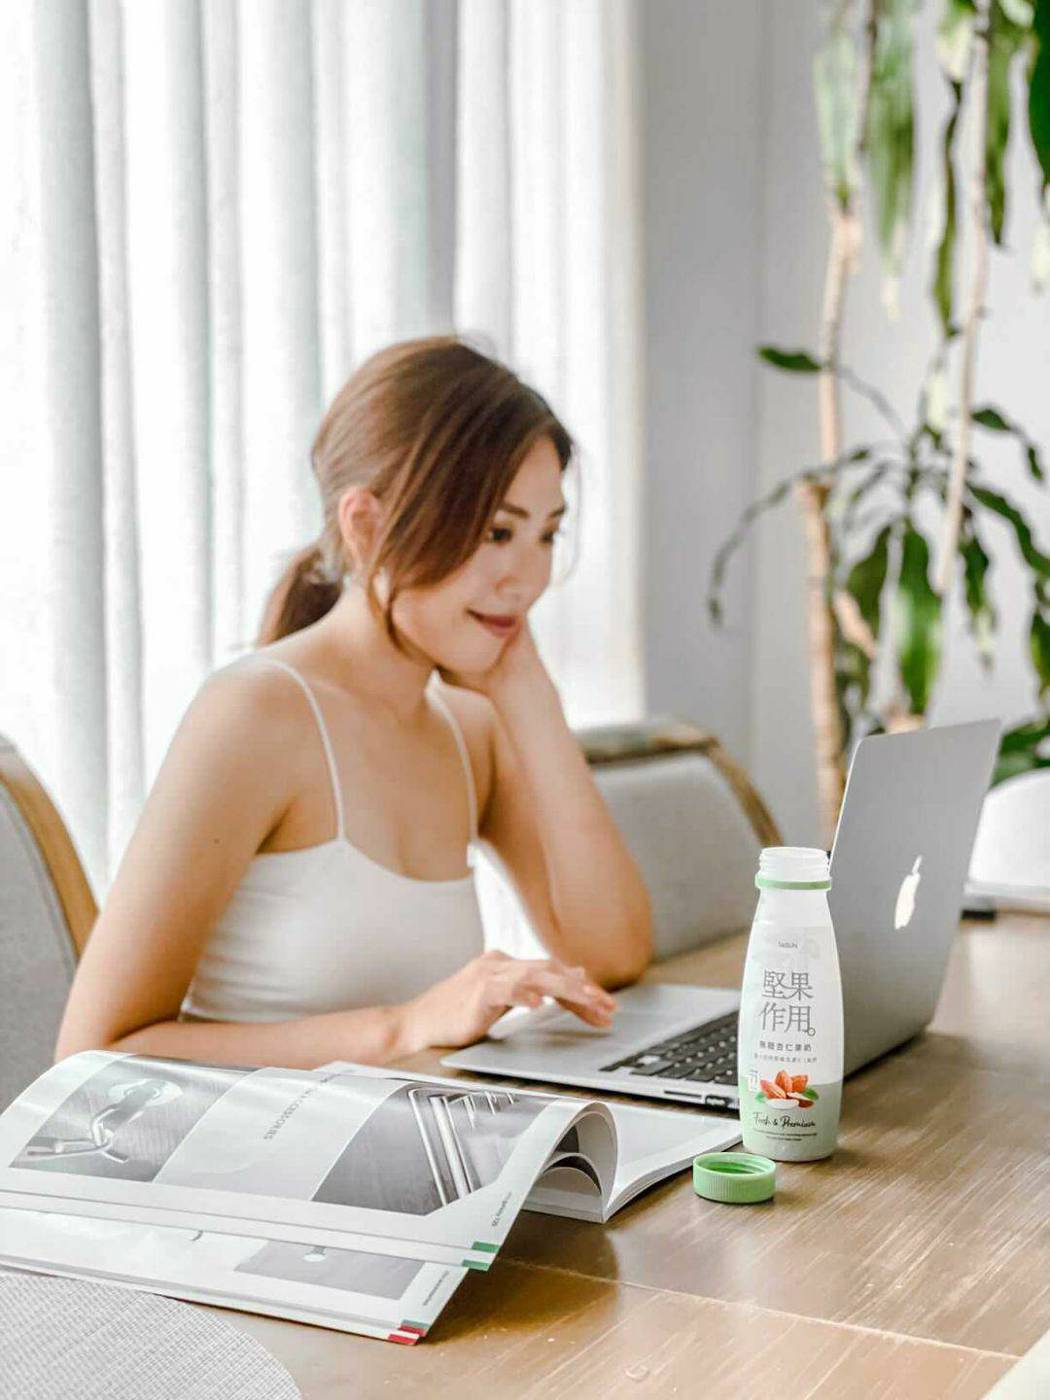 「全台首款」冷藏杏仁果奶品牌《堅果作用》,為大眾提供早餐飲品新選擇。泰山企業/提...